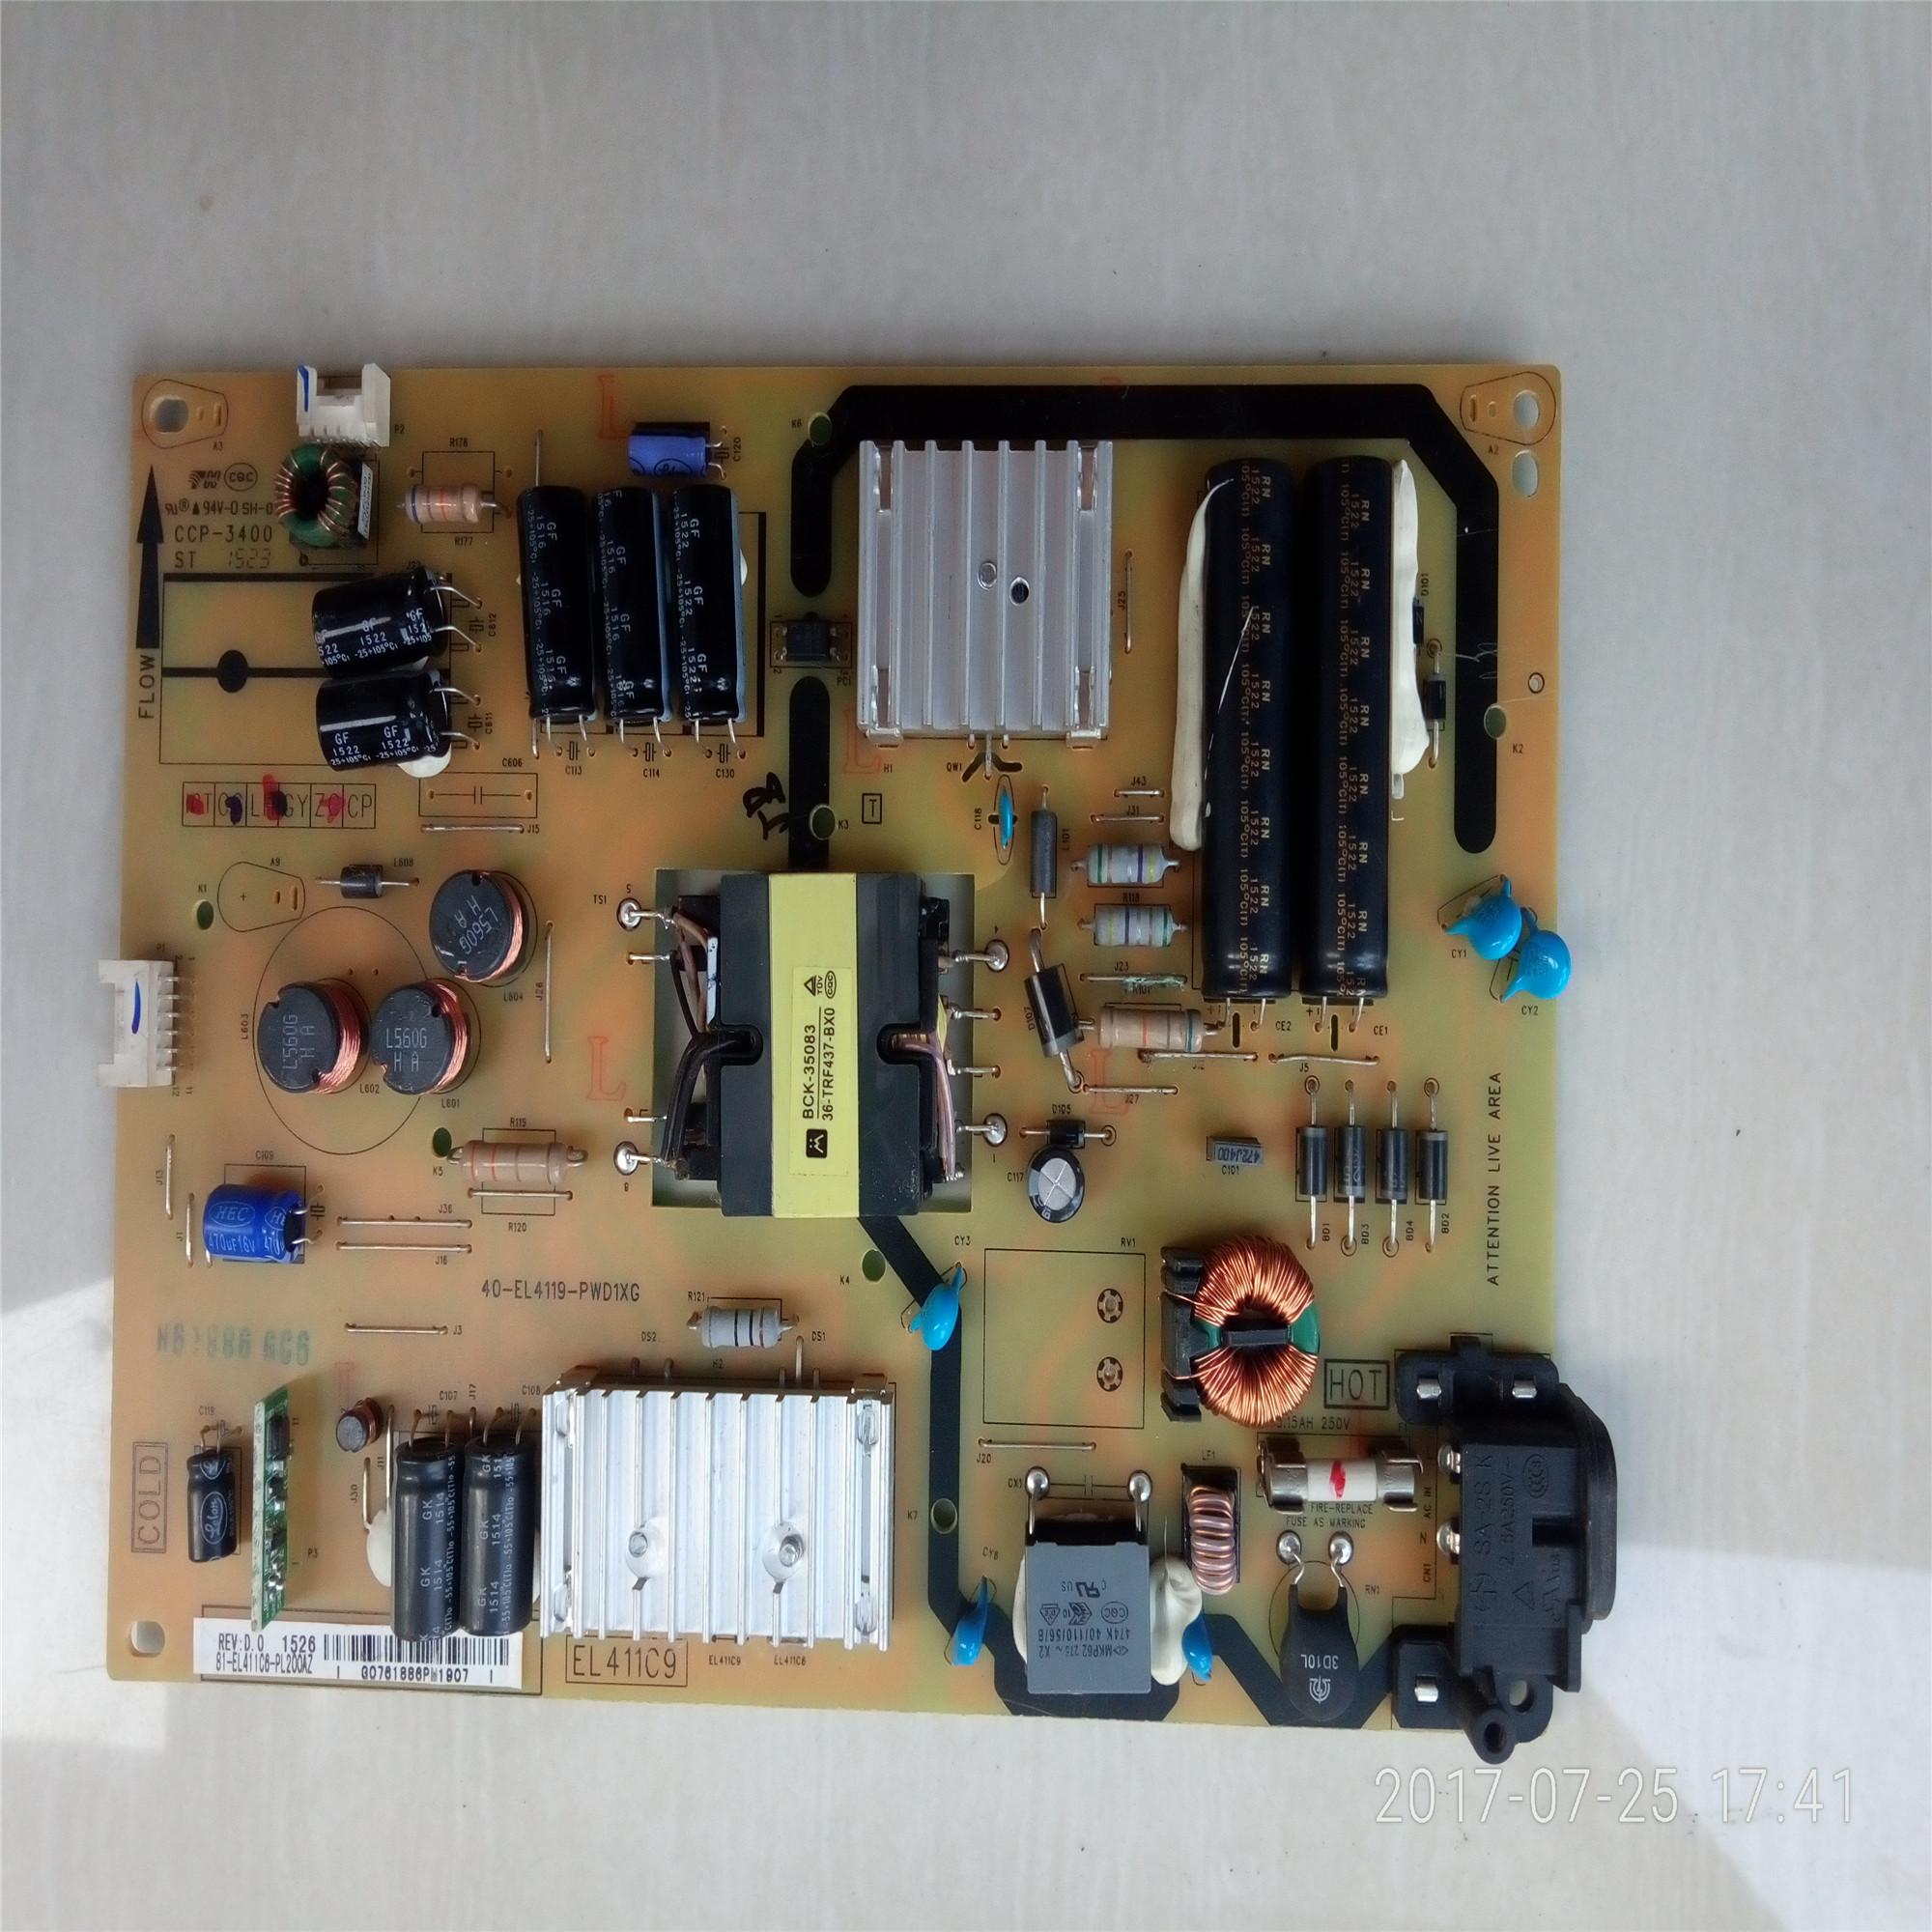 TCLL40F3700A40 дюймов плоские жк - телевизор полномочия Совета литров платы my1703 постоянного тока высокого напряжения